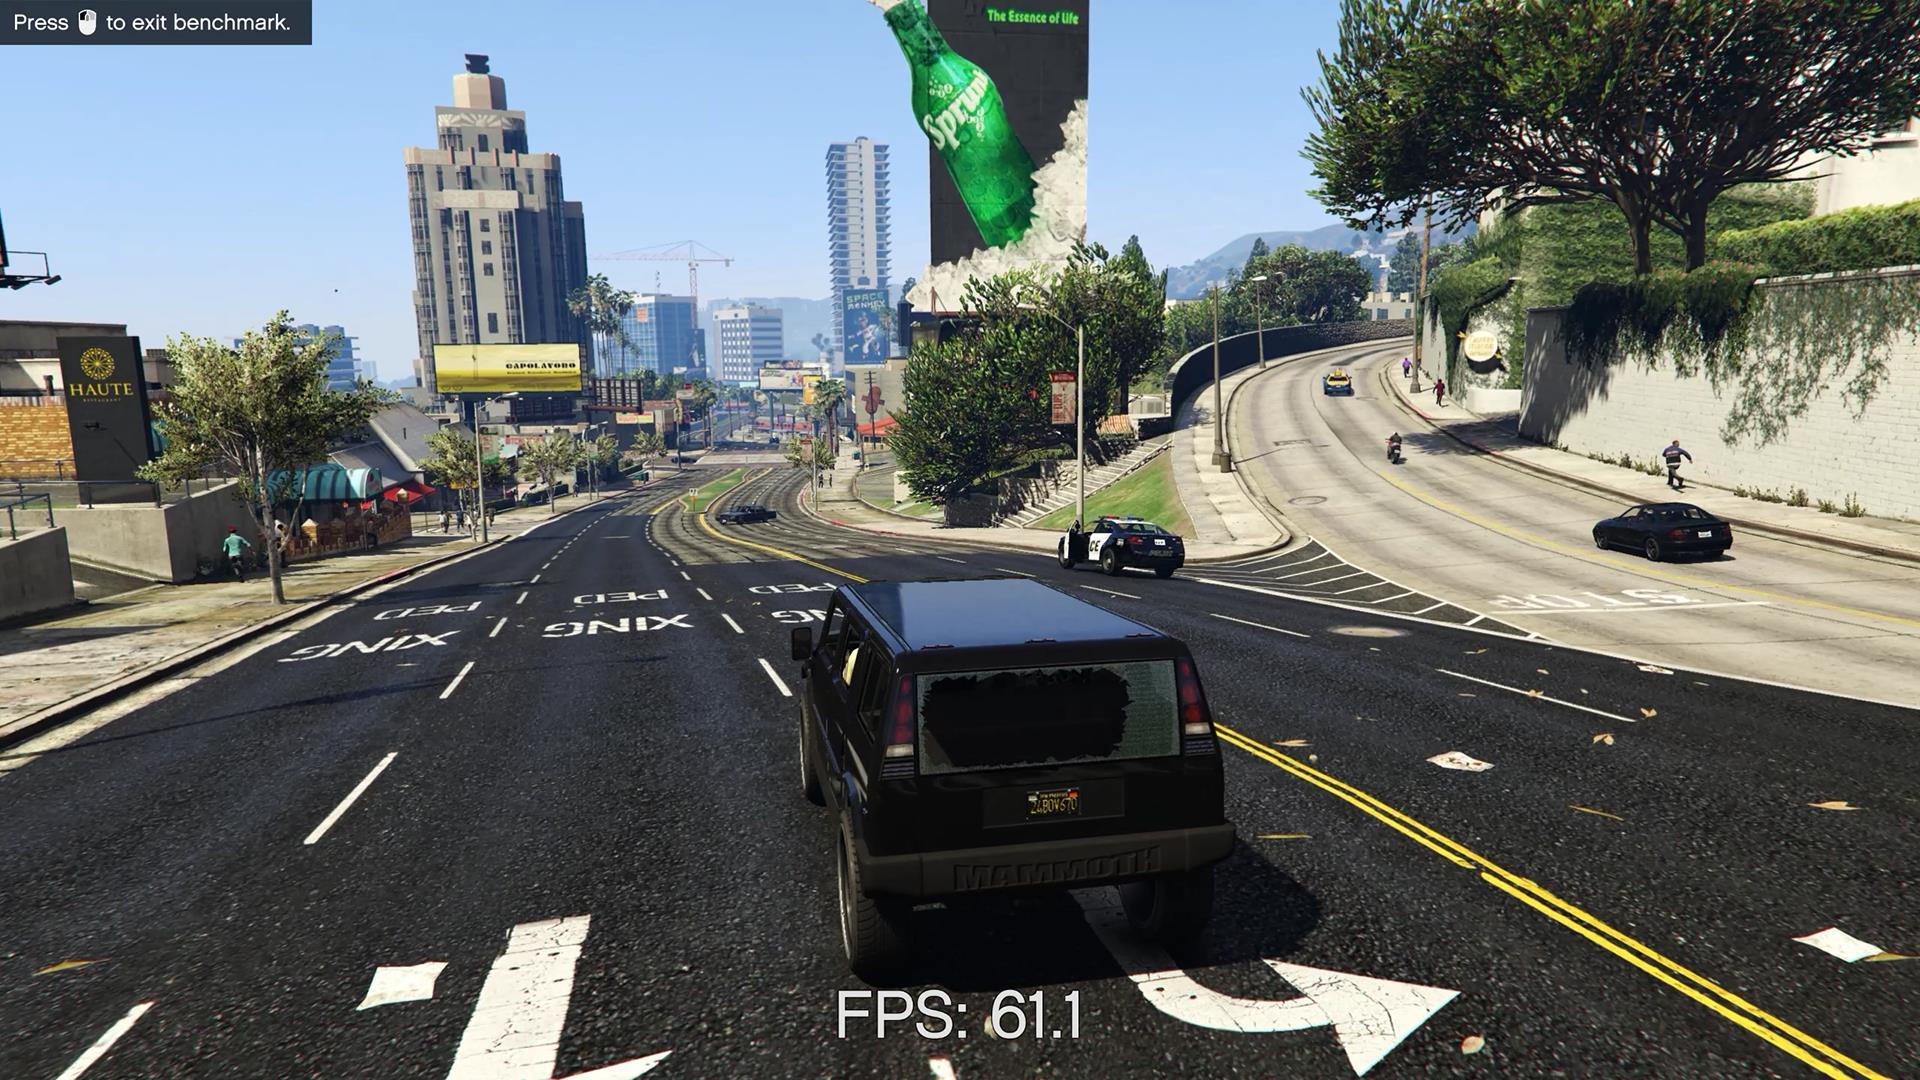 Населенность города GTA 5